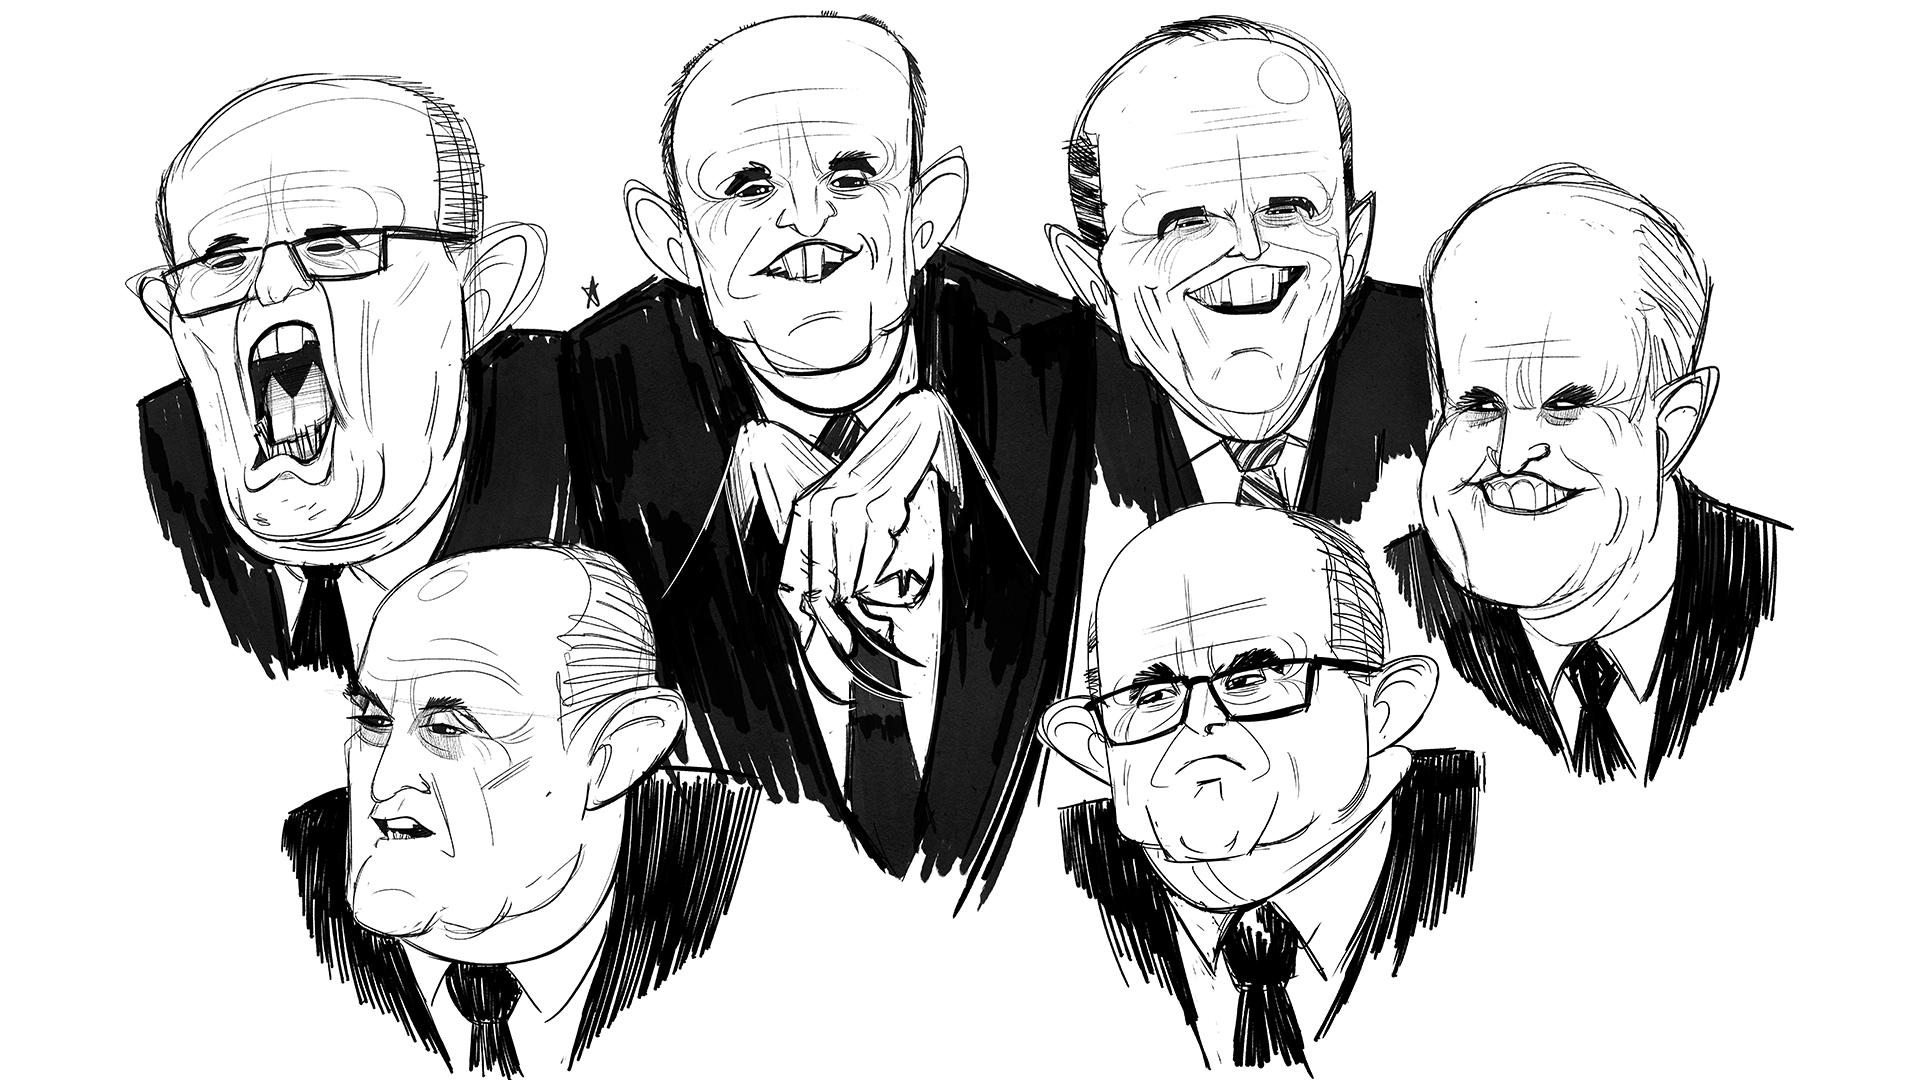 06_Giuliani_Sketches_01.jpg